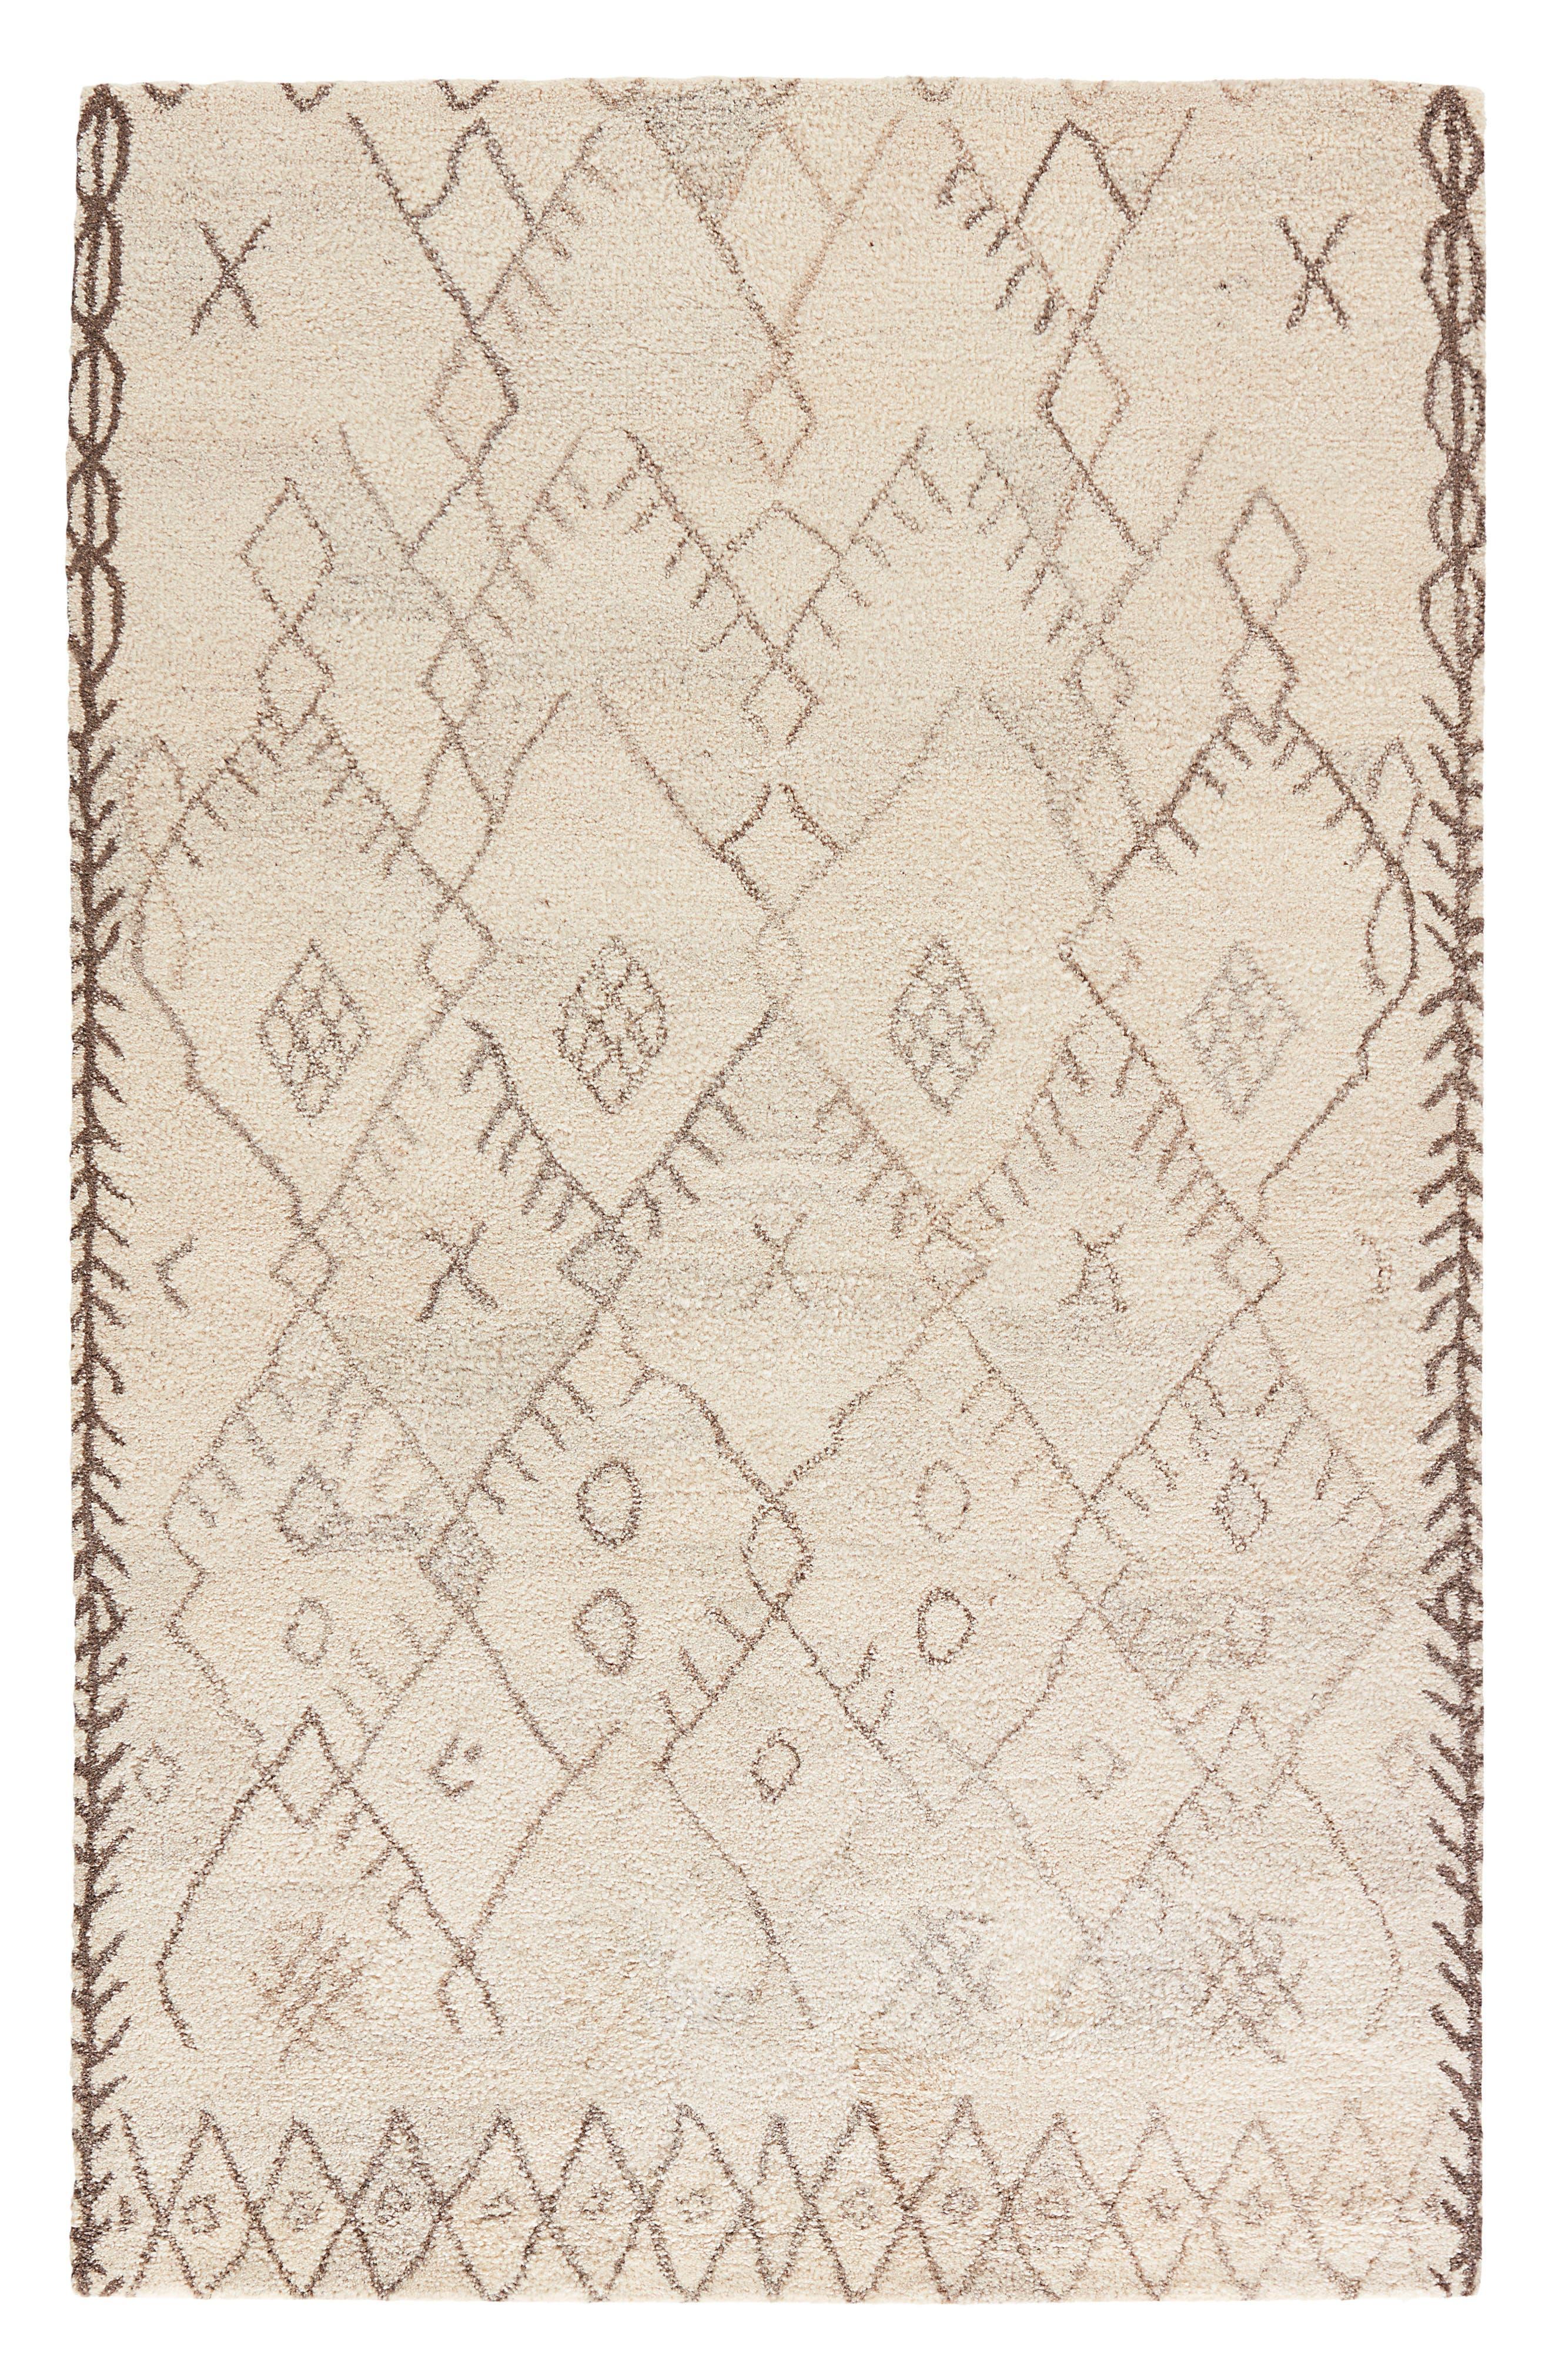 Geo Pattern Wool Rug,                         Main,                         color, 250